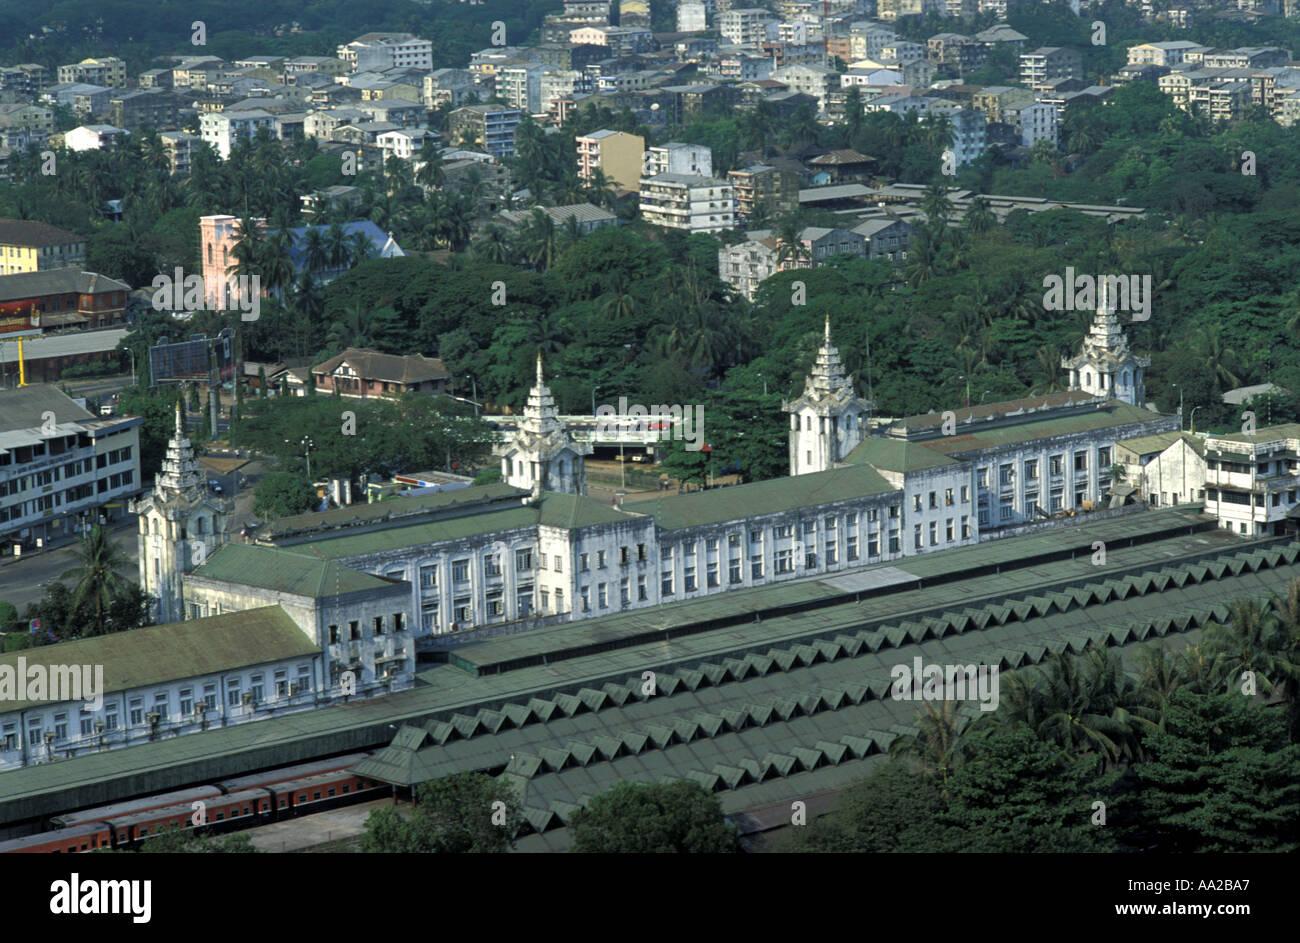 BURMA Myanmar Rangoon Yangon Railway station - Stock Image